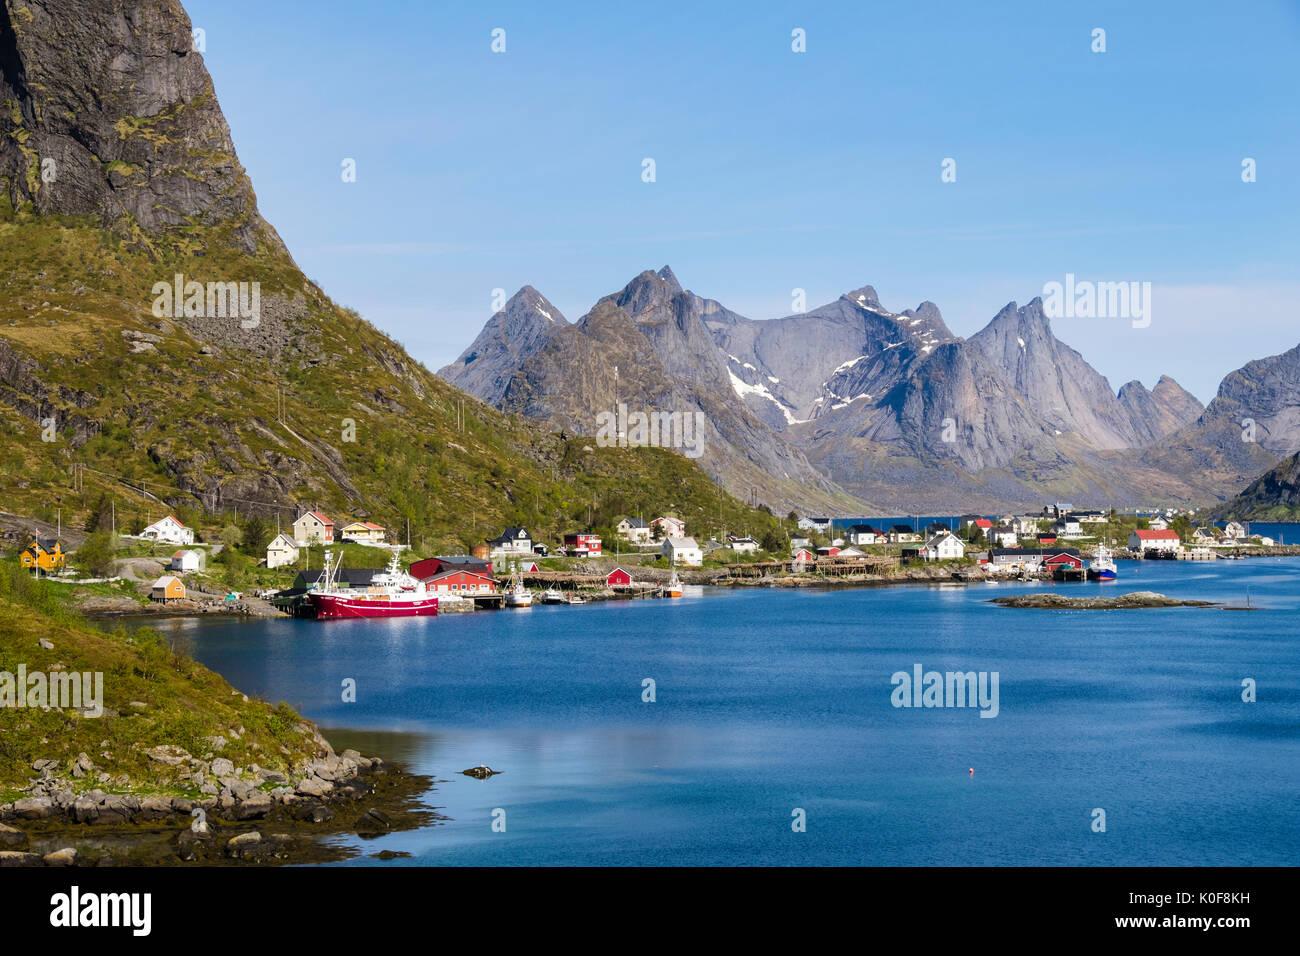 Vistas al puerto pesquero natural a las montañas. Reine, Moskenes, Moskenesøya Isla, Islas Lofoten, Nordland, Noruega, Escandinavia Foto de stock